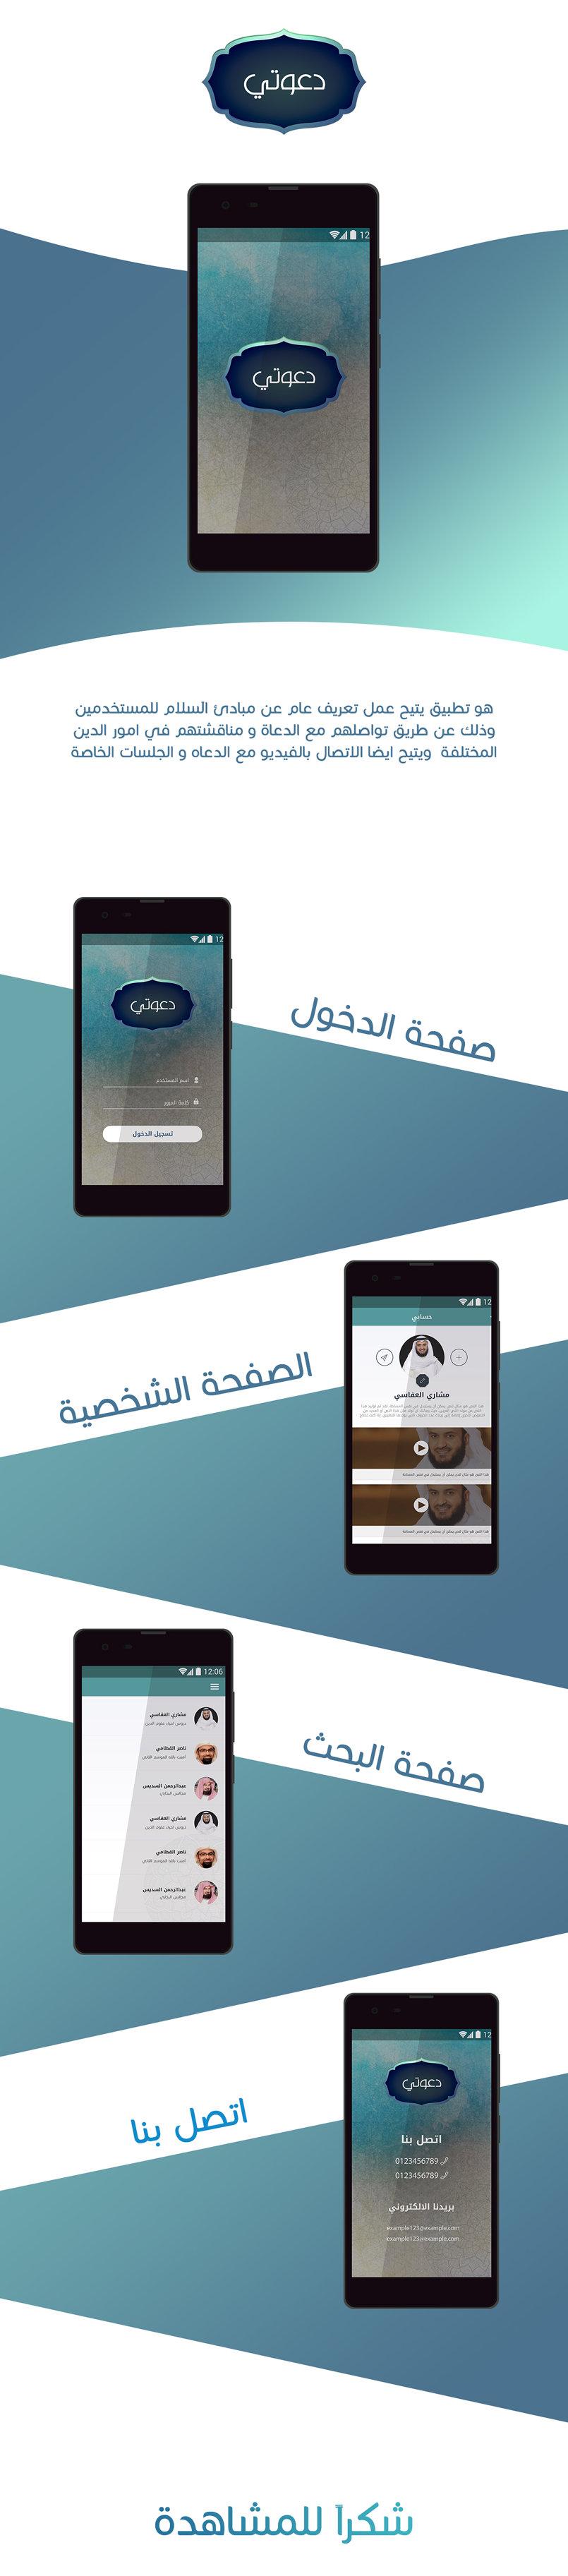 دعوتي - Dawaty Mobile App Design